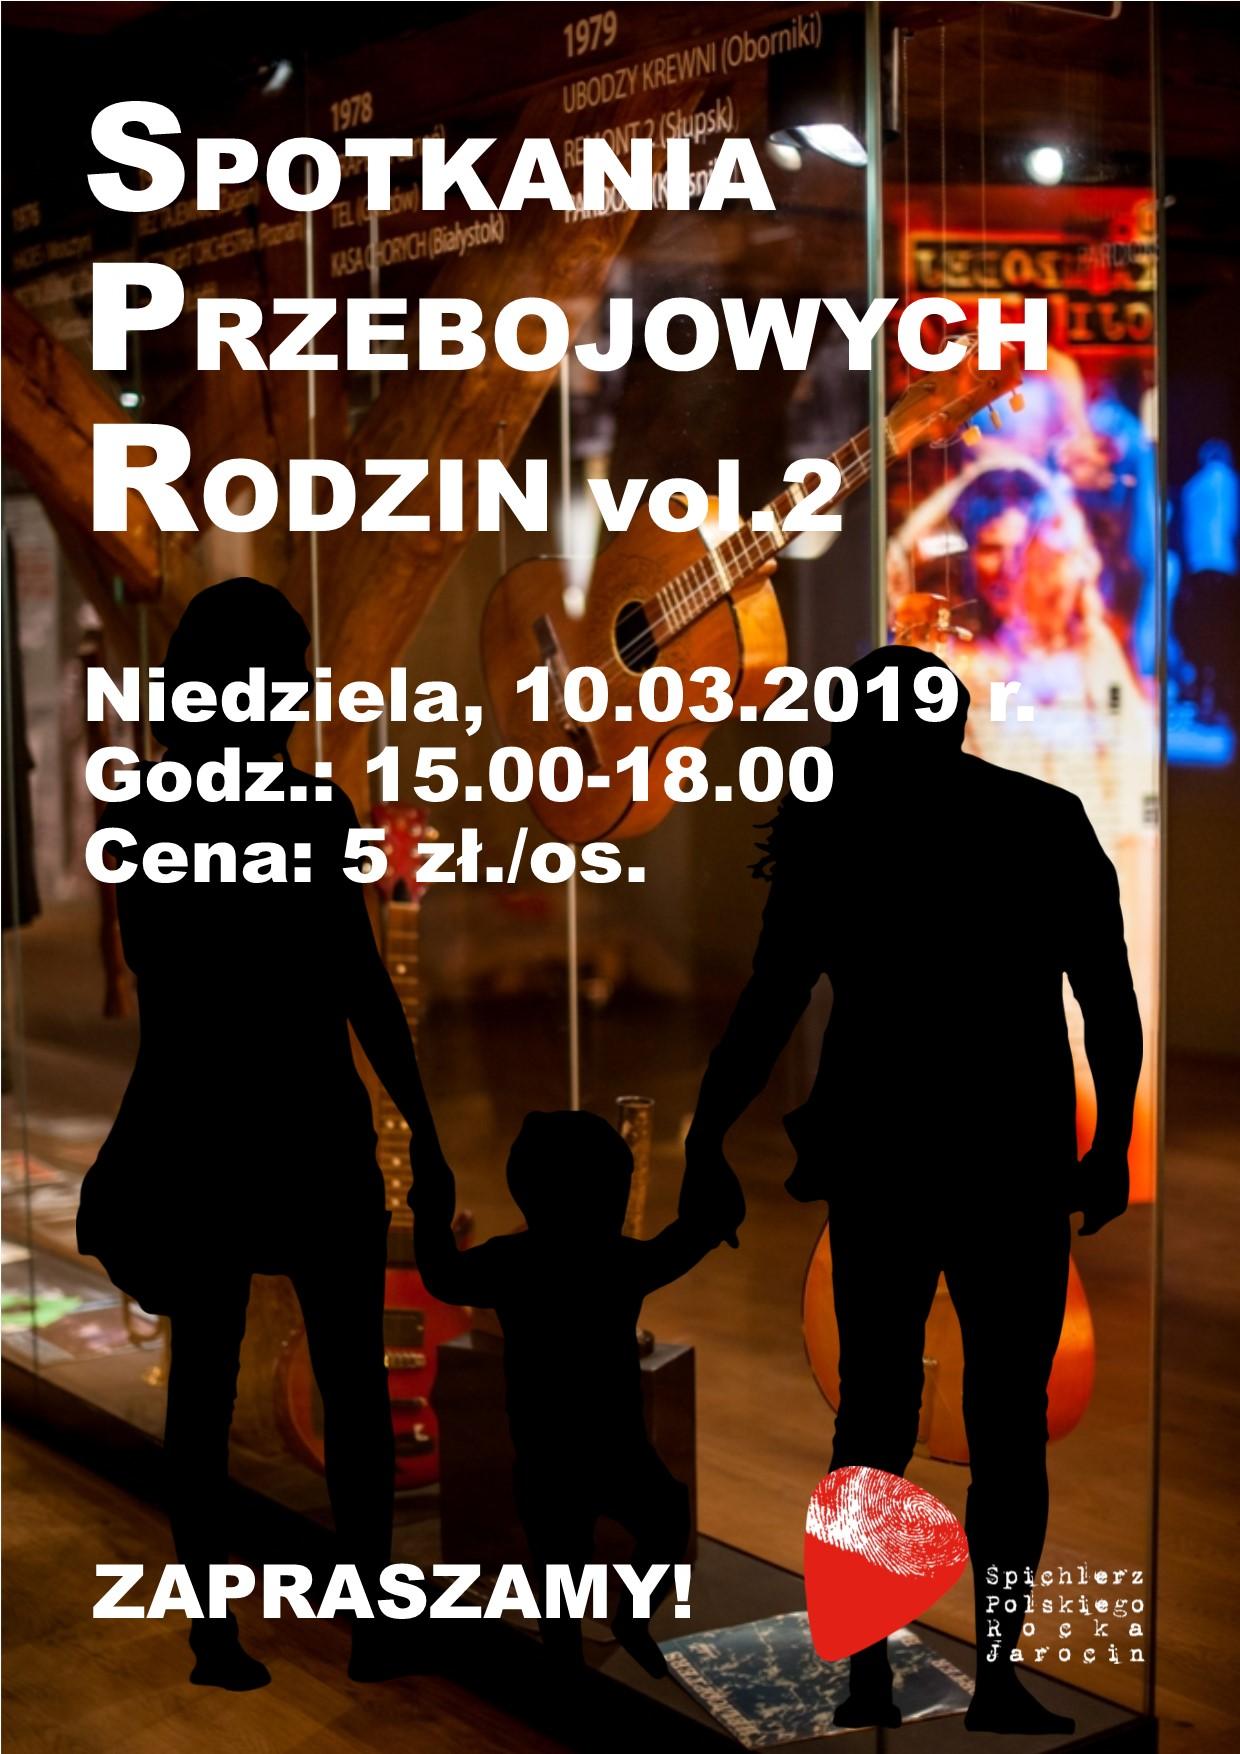 Spotkania Przebojowych Rodzin vol. 2!